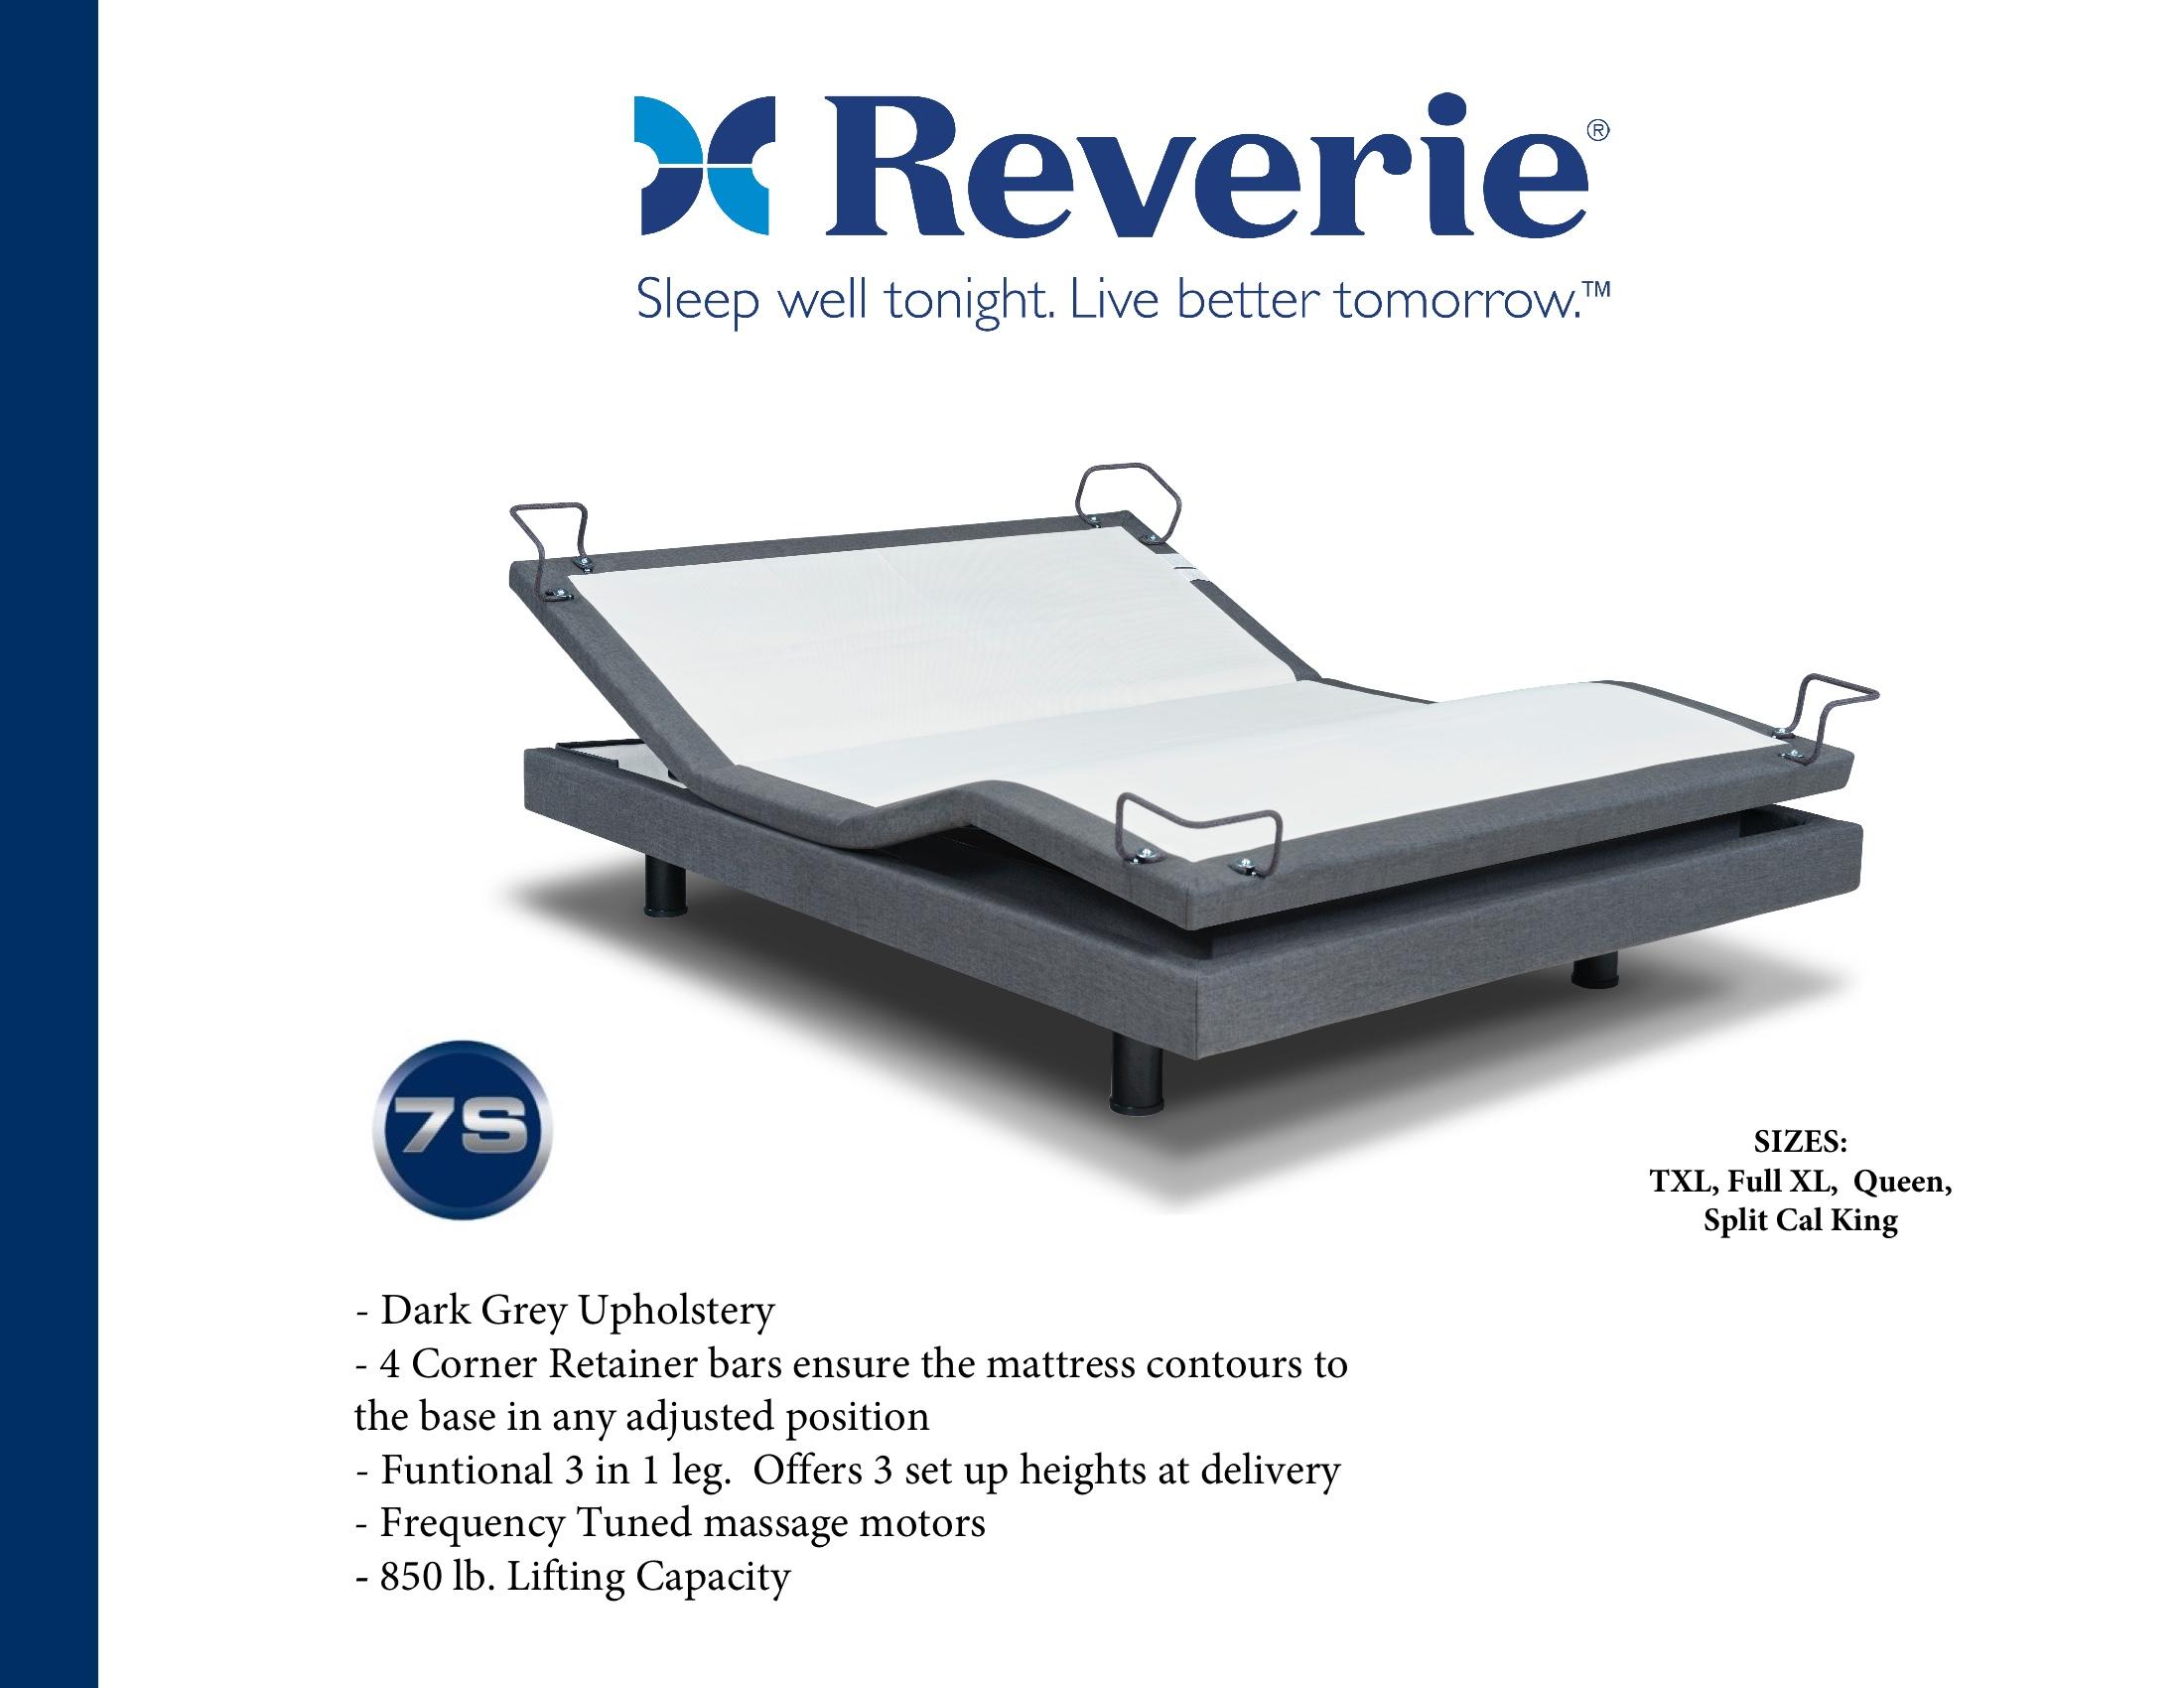 reverie-7s-specs2.jpg